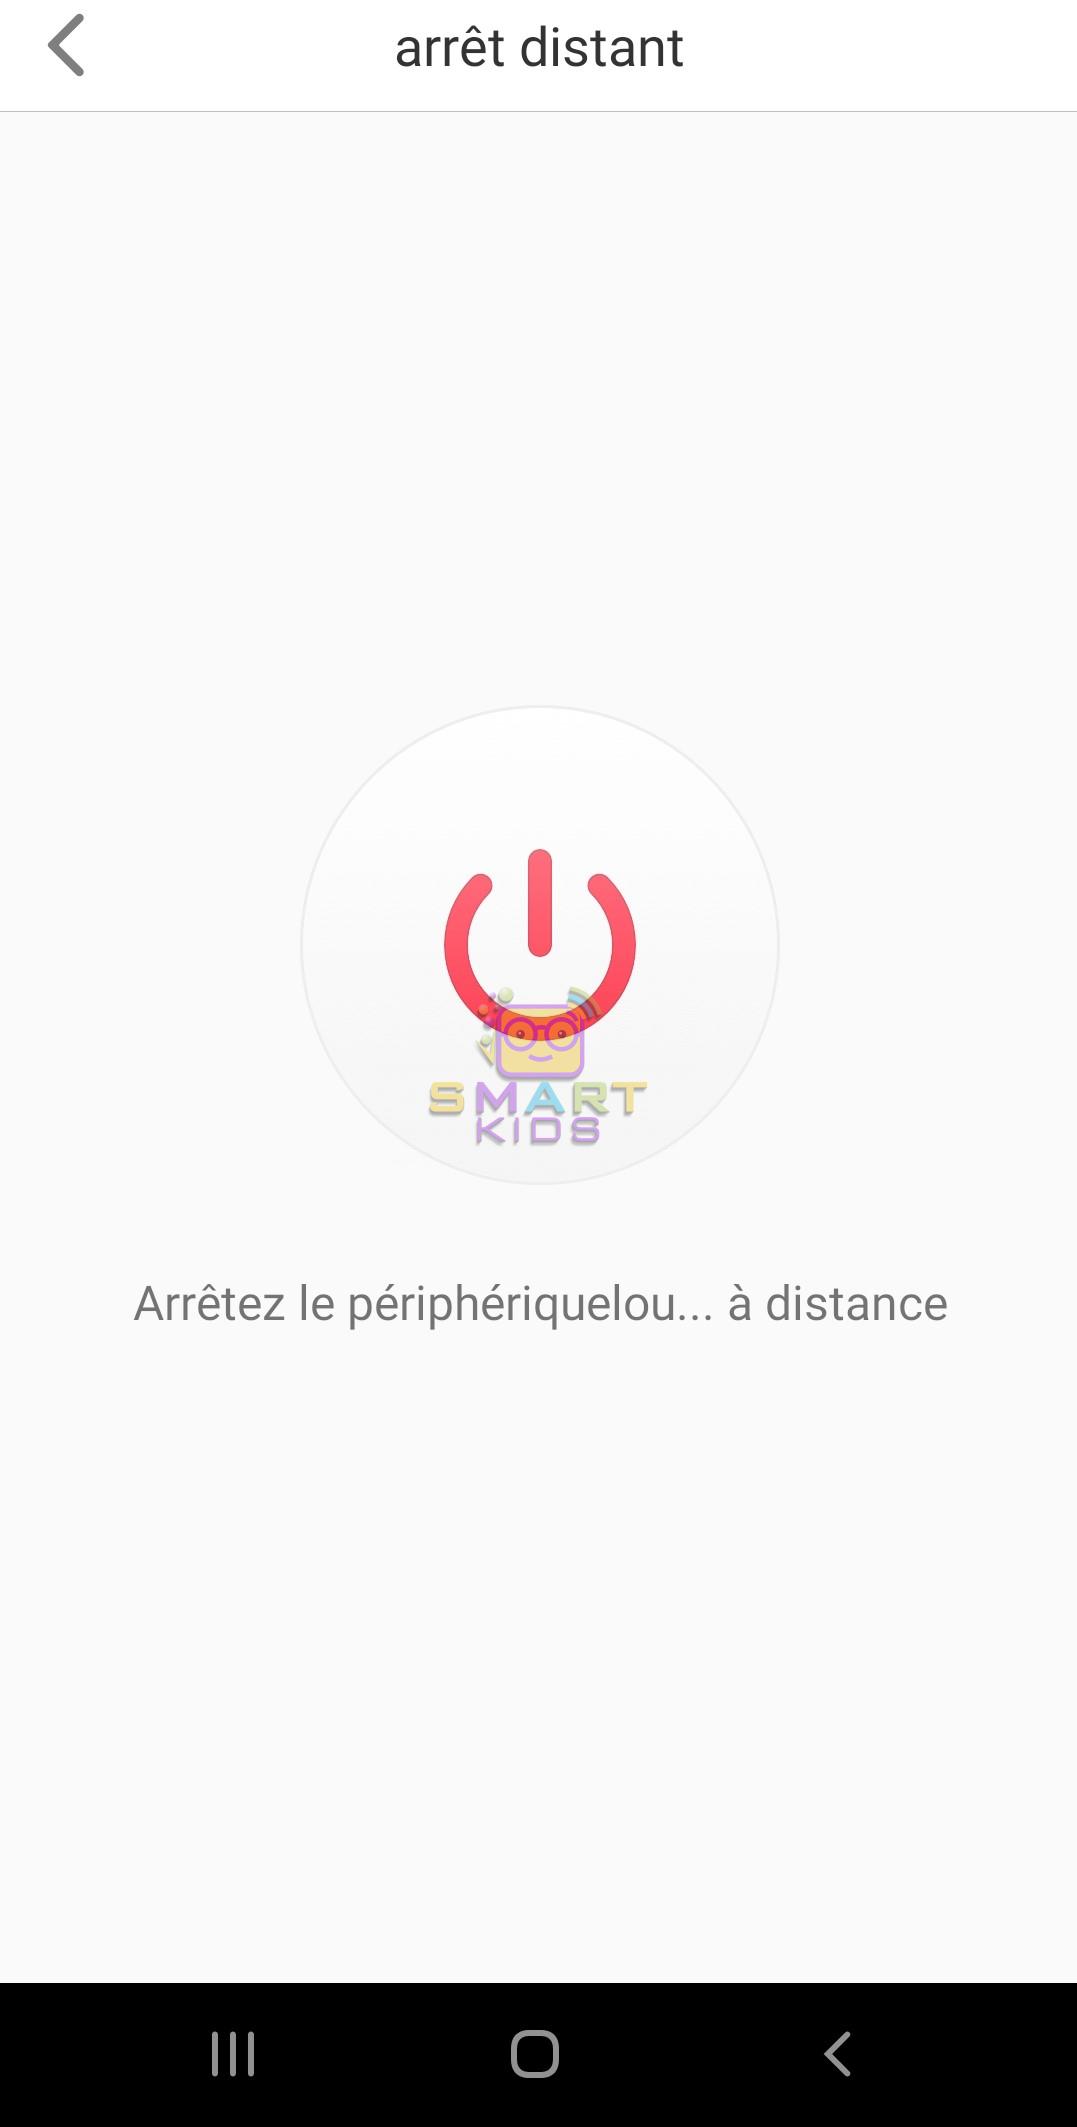 WhatsApp Image 2020 09 19 at 17.15.33 7